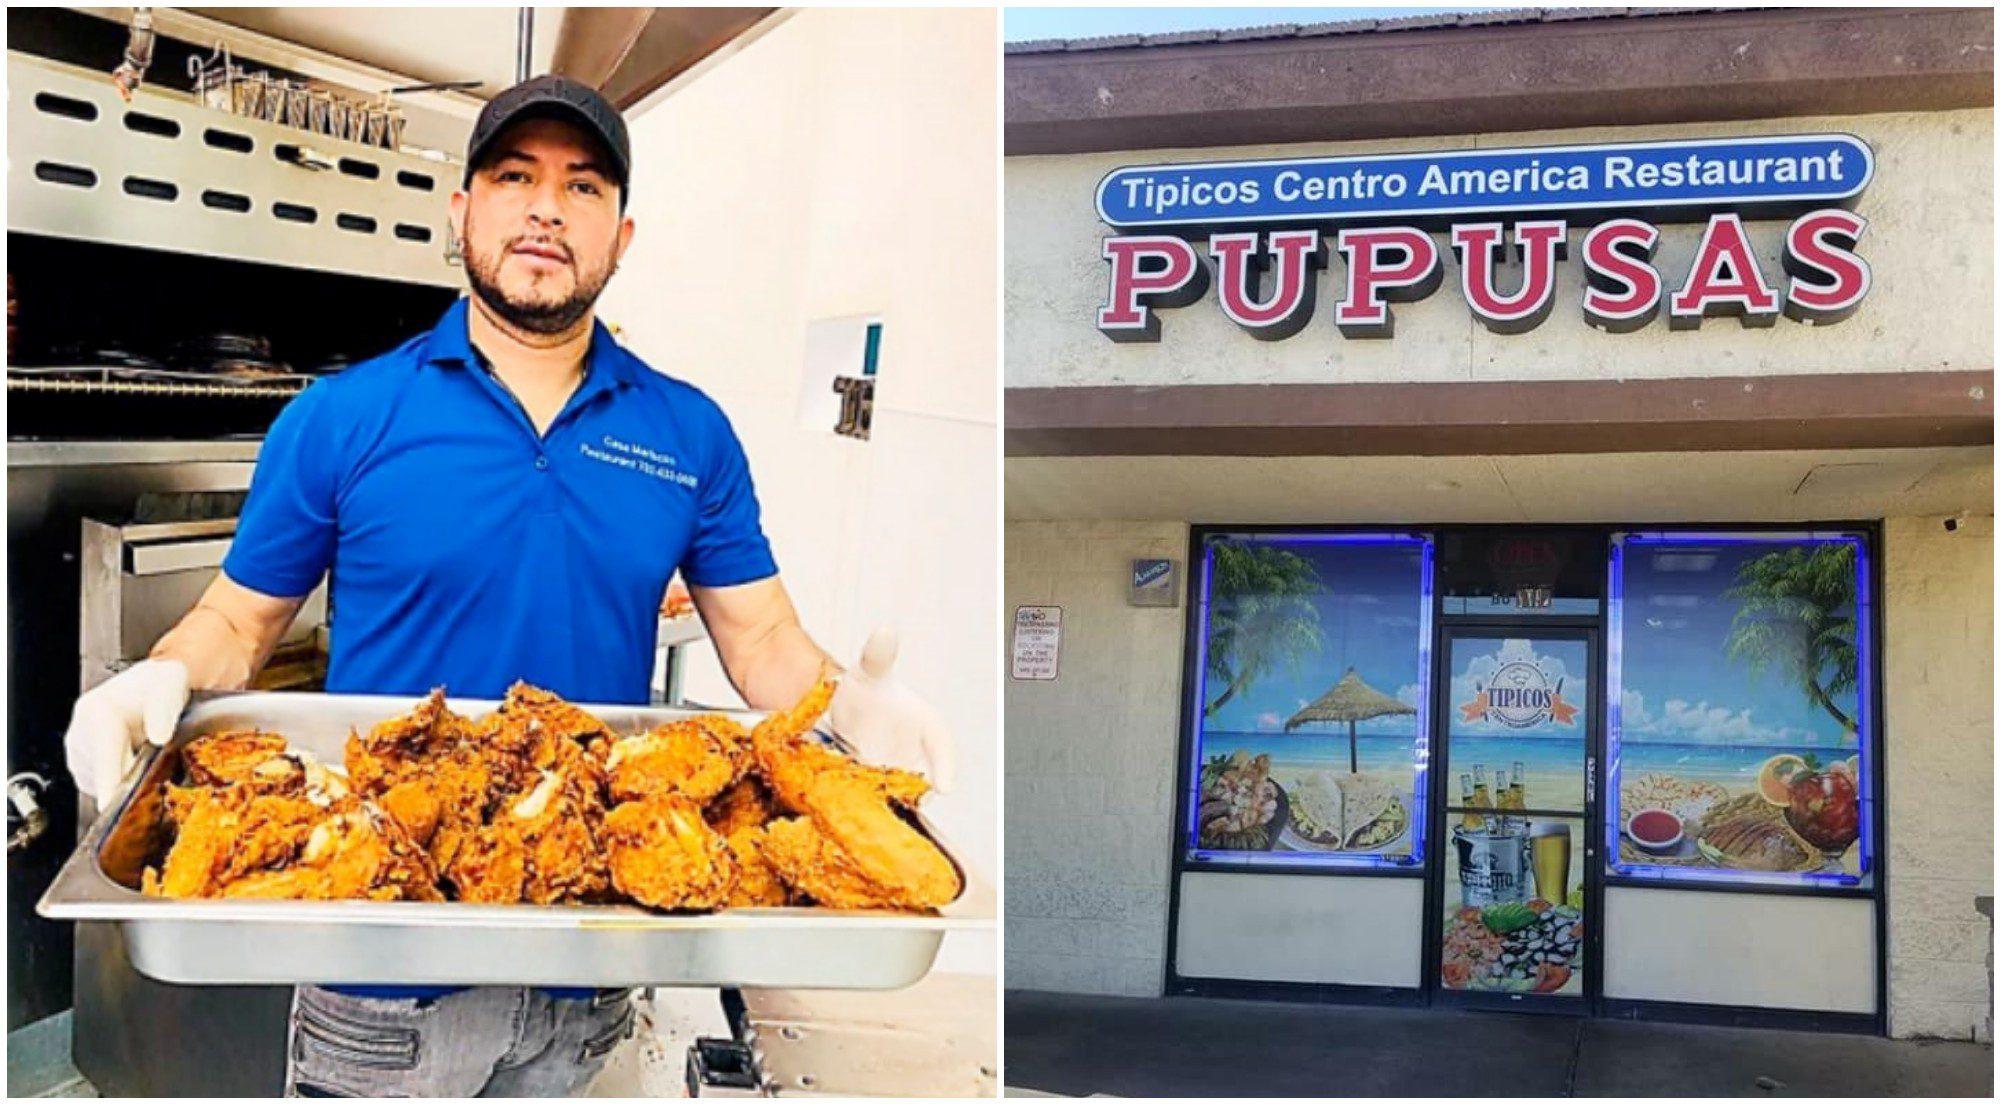 Hondureño triunfa en Las Vegas con restaurante de comida catracha